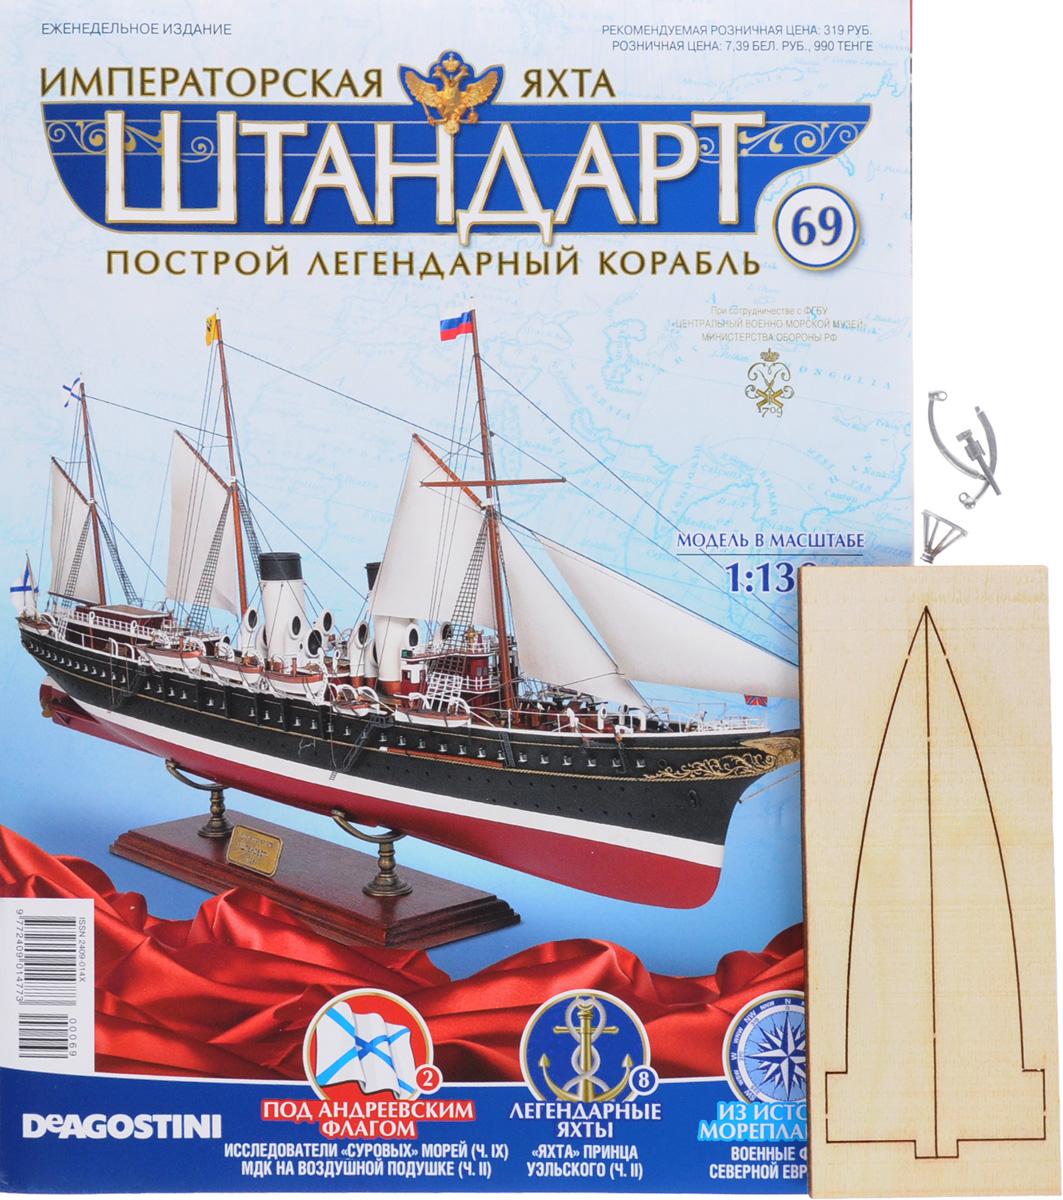 Журнал Императорская яхтаШТАНДАРТ №69